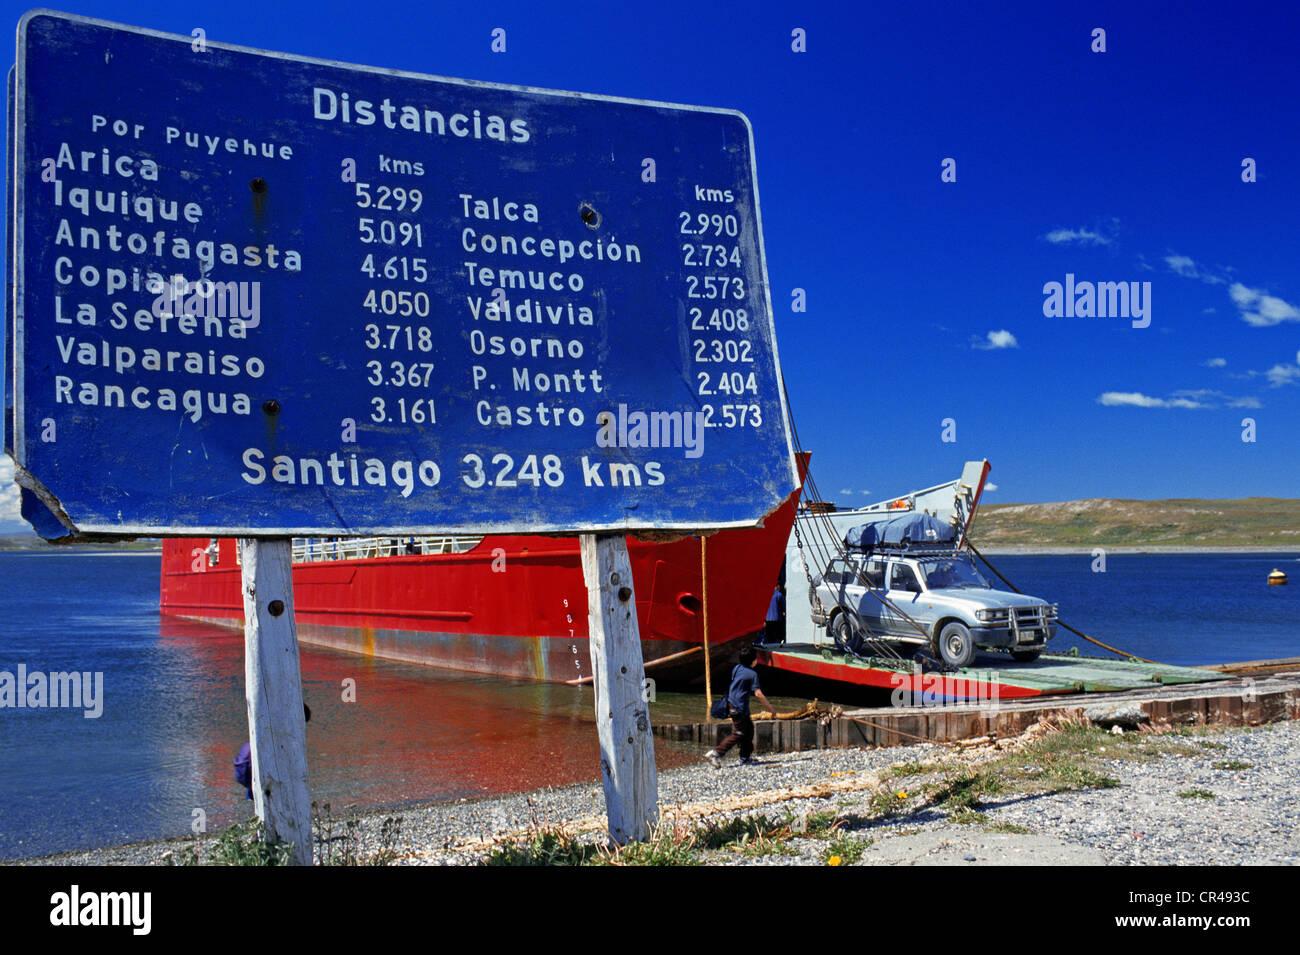 Chile, Magallanes and Antartica Chilena region, Magallanes Province, Punta Delgada, Primera Angostura Pier, ferry Stock Photo